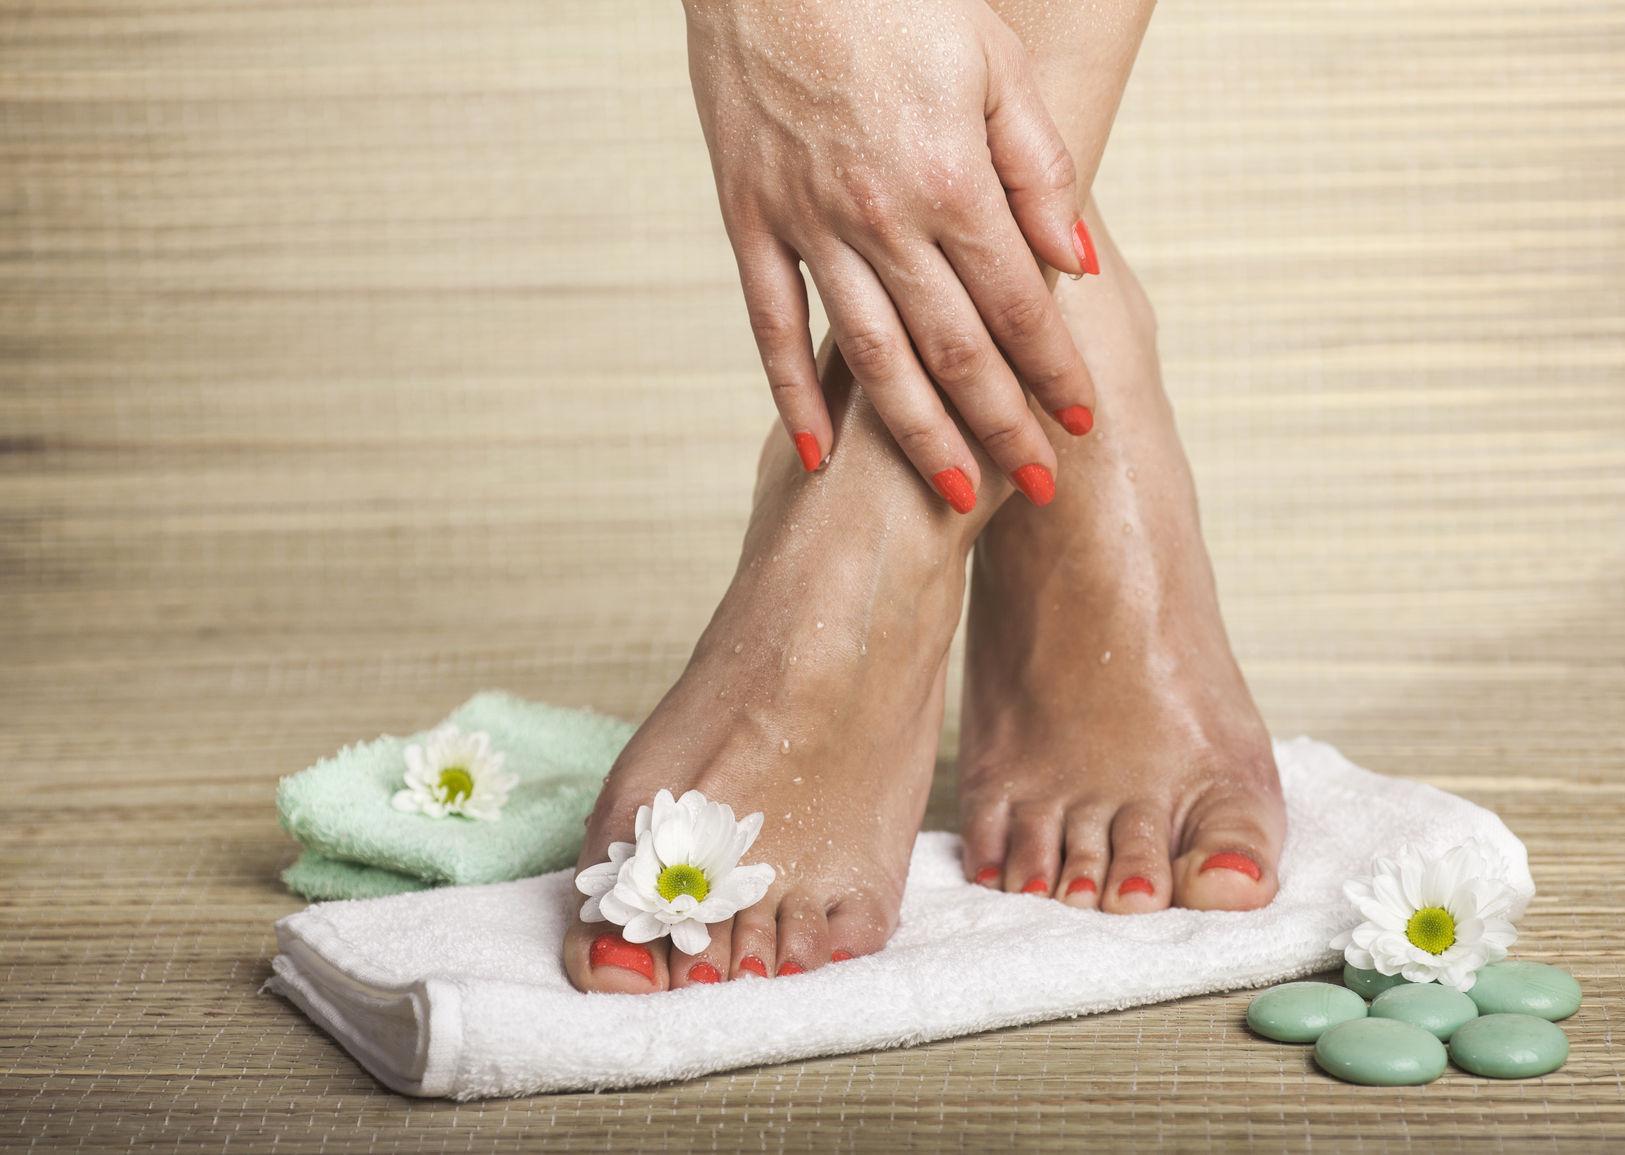 pregătire pentru restaurarea ligamentelor și articulațiilor tratamentul artrozei cu menovazină